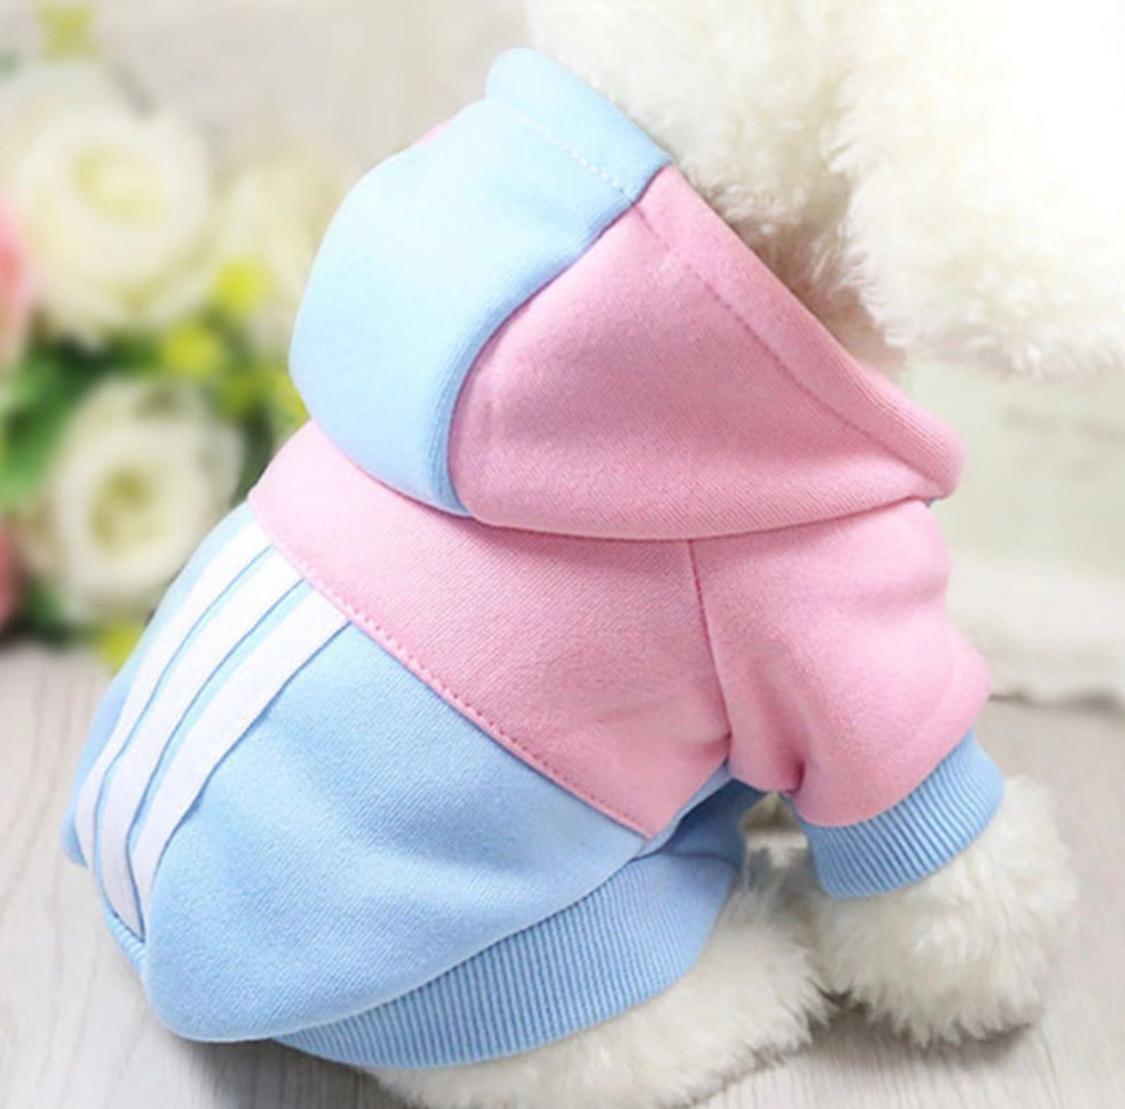 Одяг для собак, зимова м'яка толстовка одяг для чихуахуа теплий одяг для собак, зимова одяг для собак д